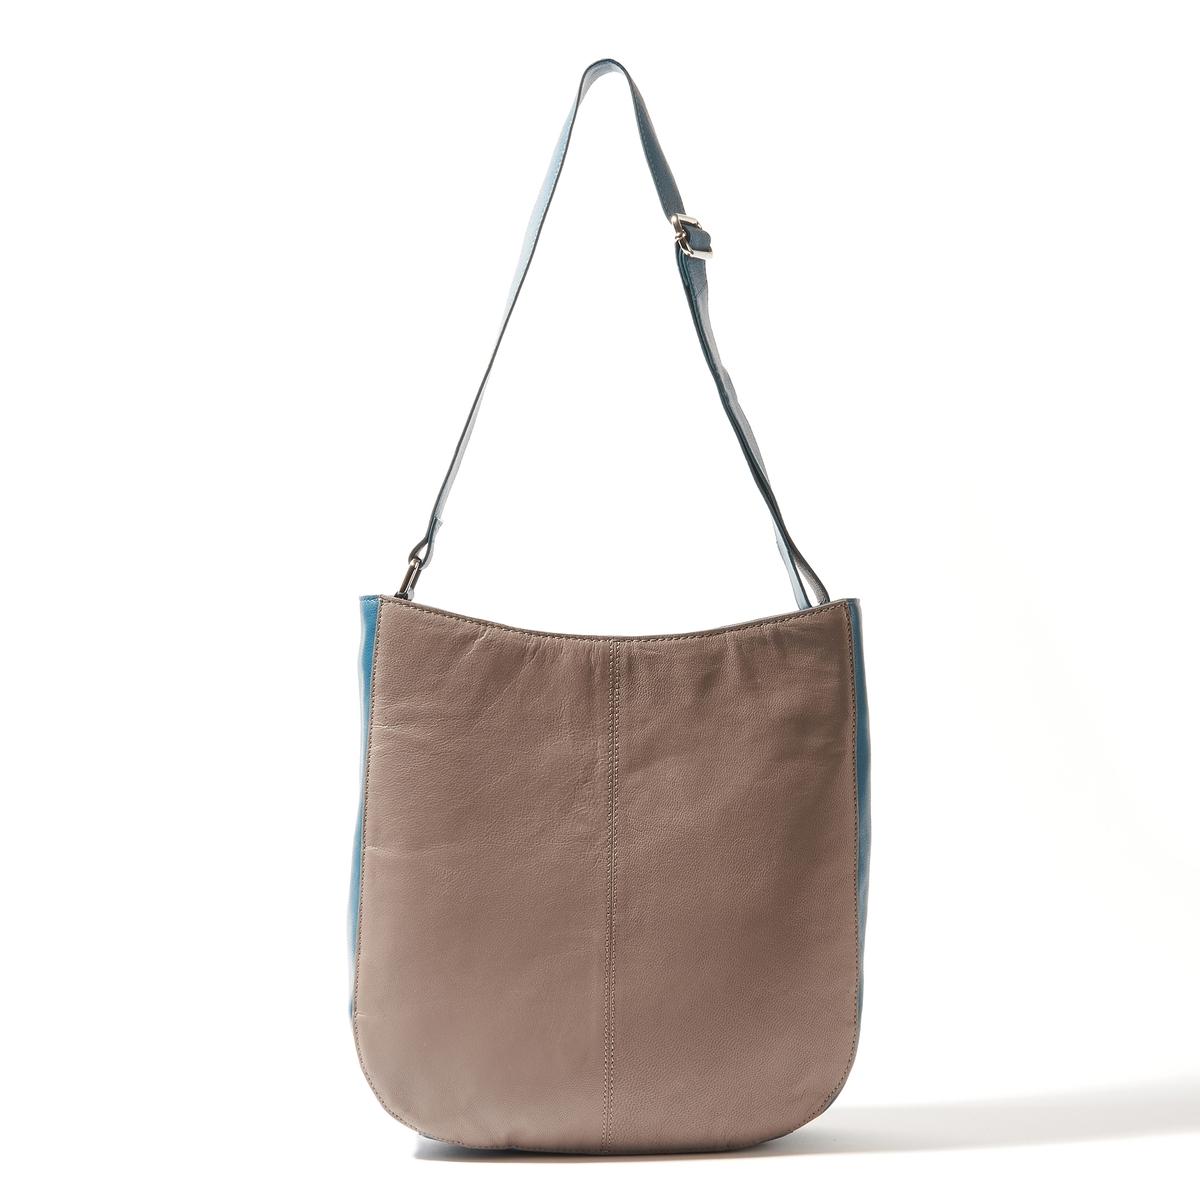 Сумка кожаная женская кожаная сумка через плечо richet rt030 blue